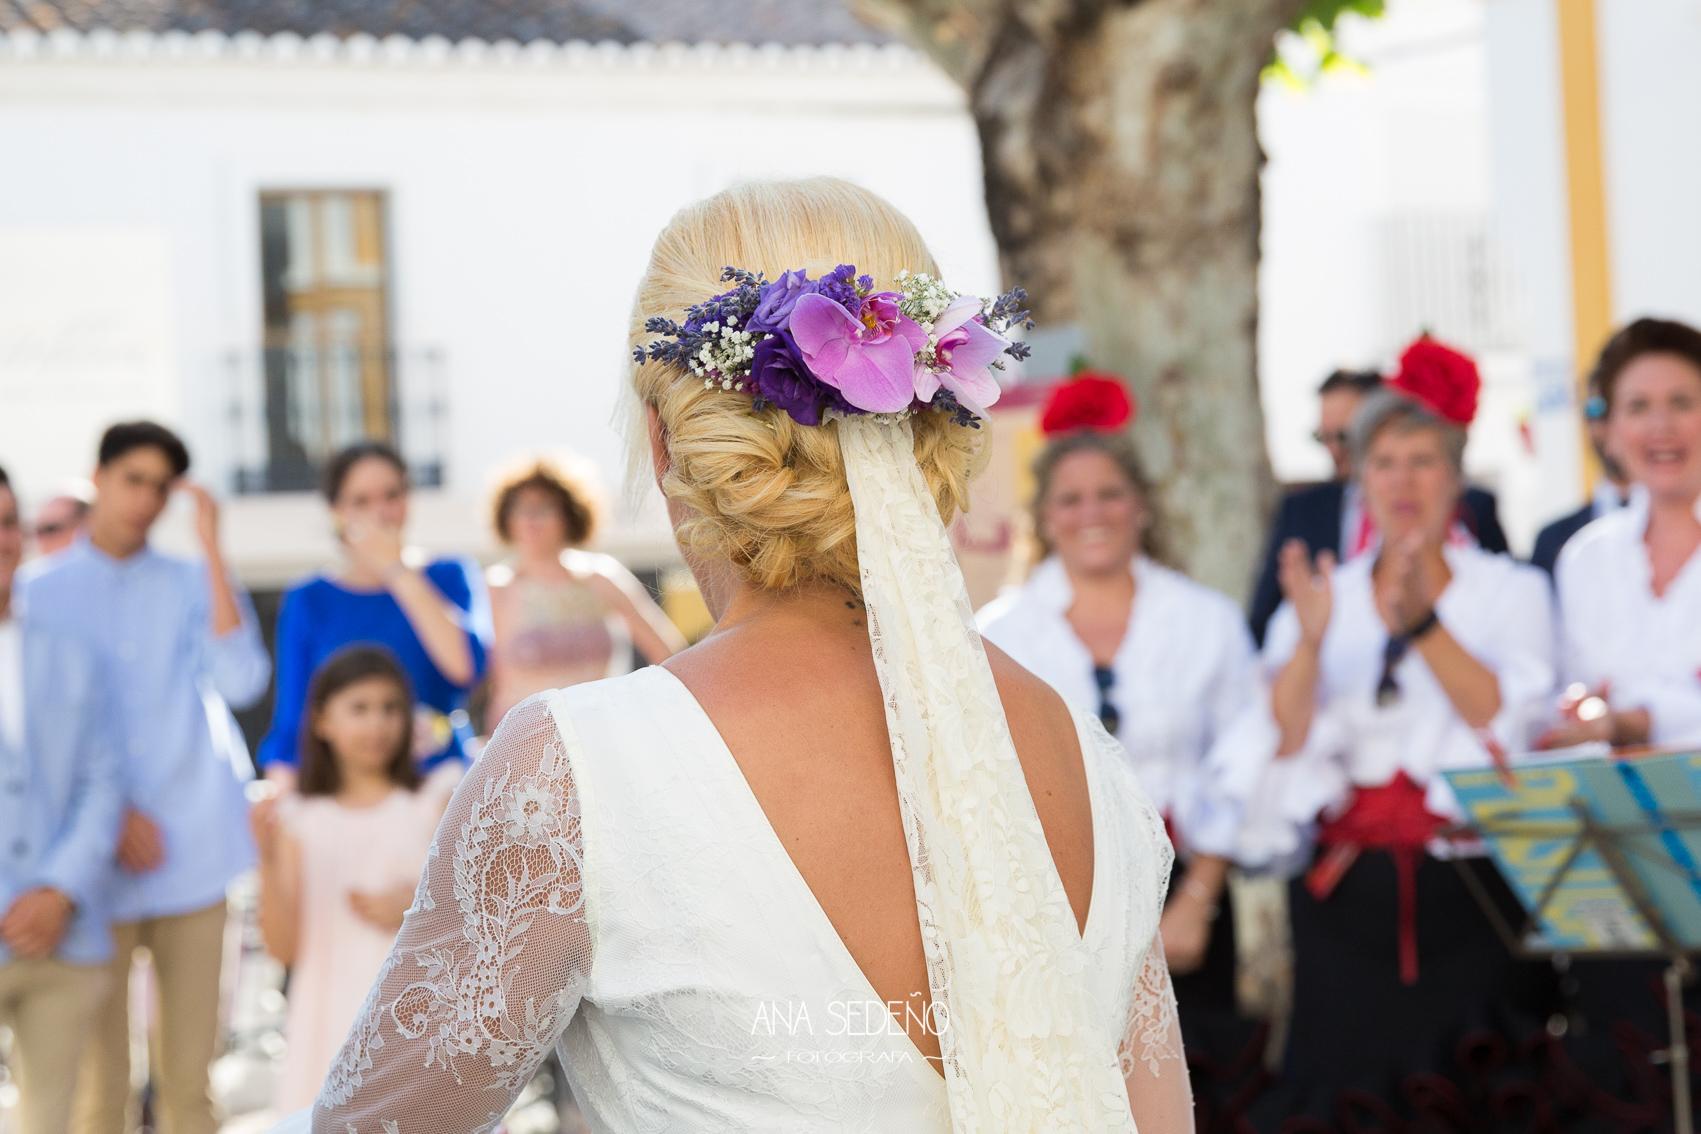 Ana Sedeño Fotografa.-BJ&R-0708